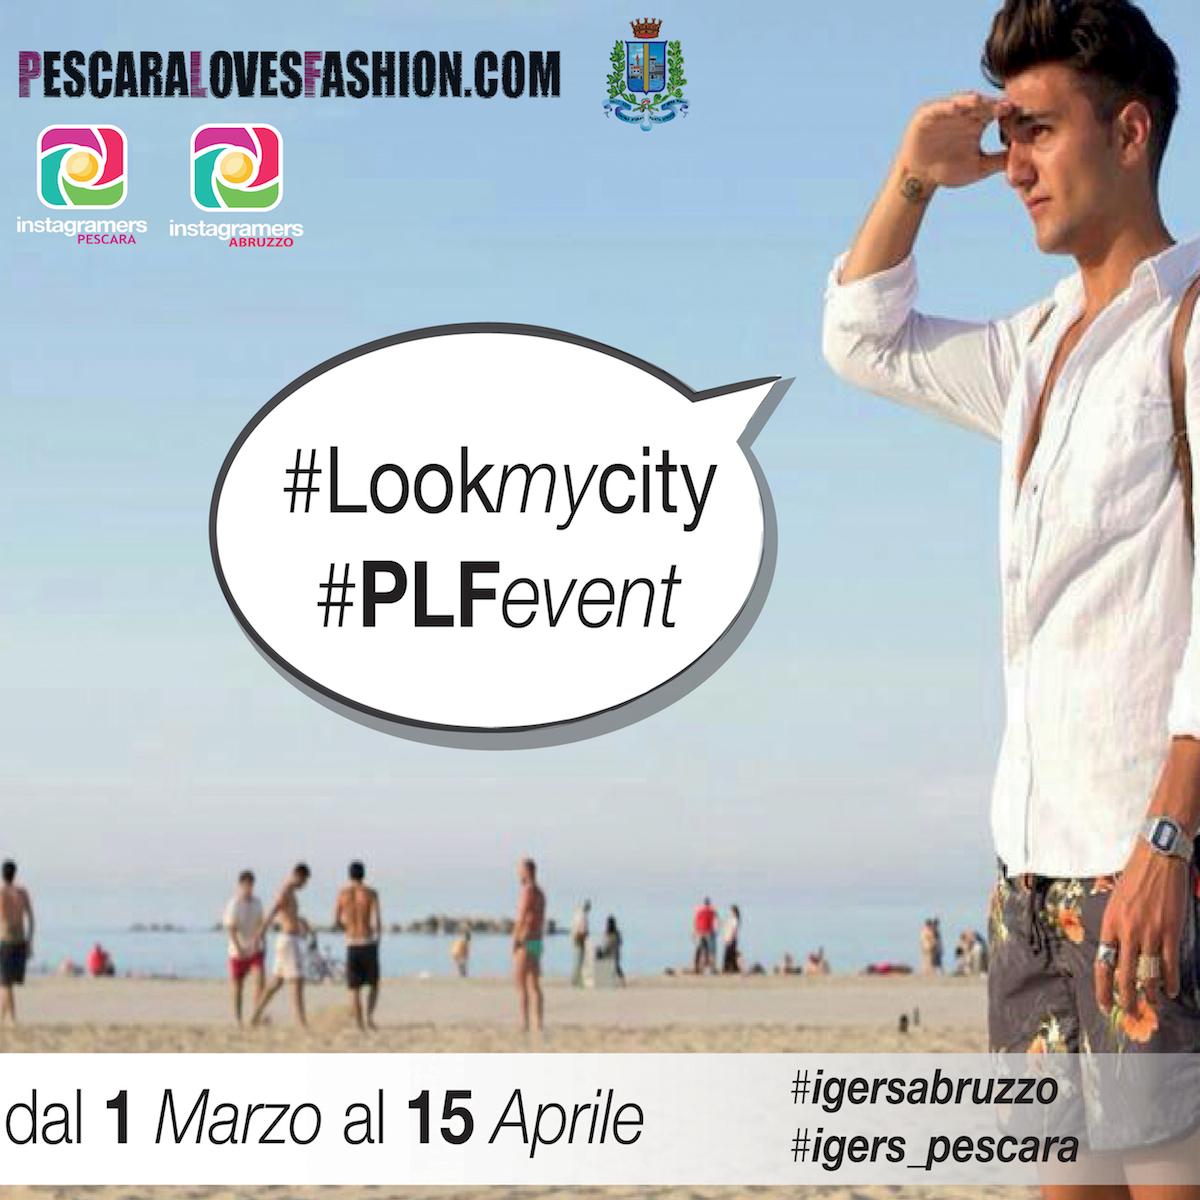 #Lookmycity